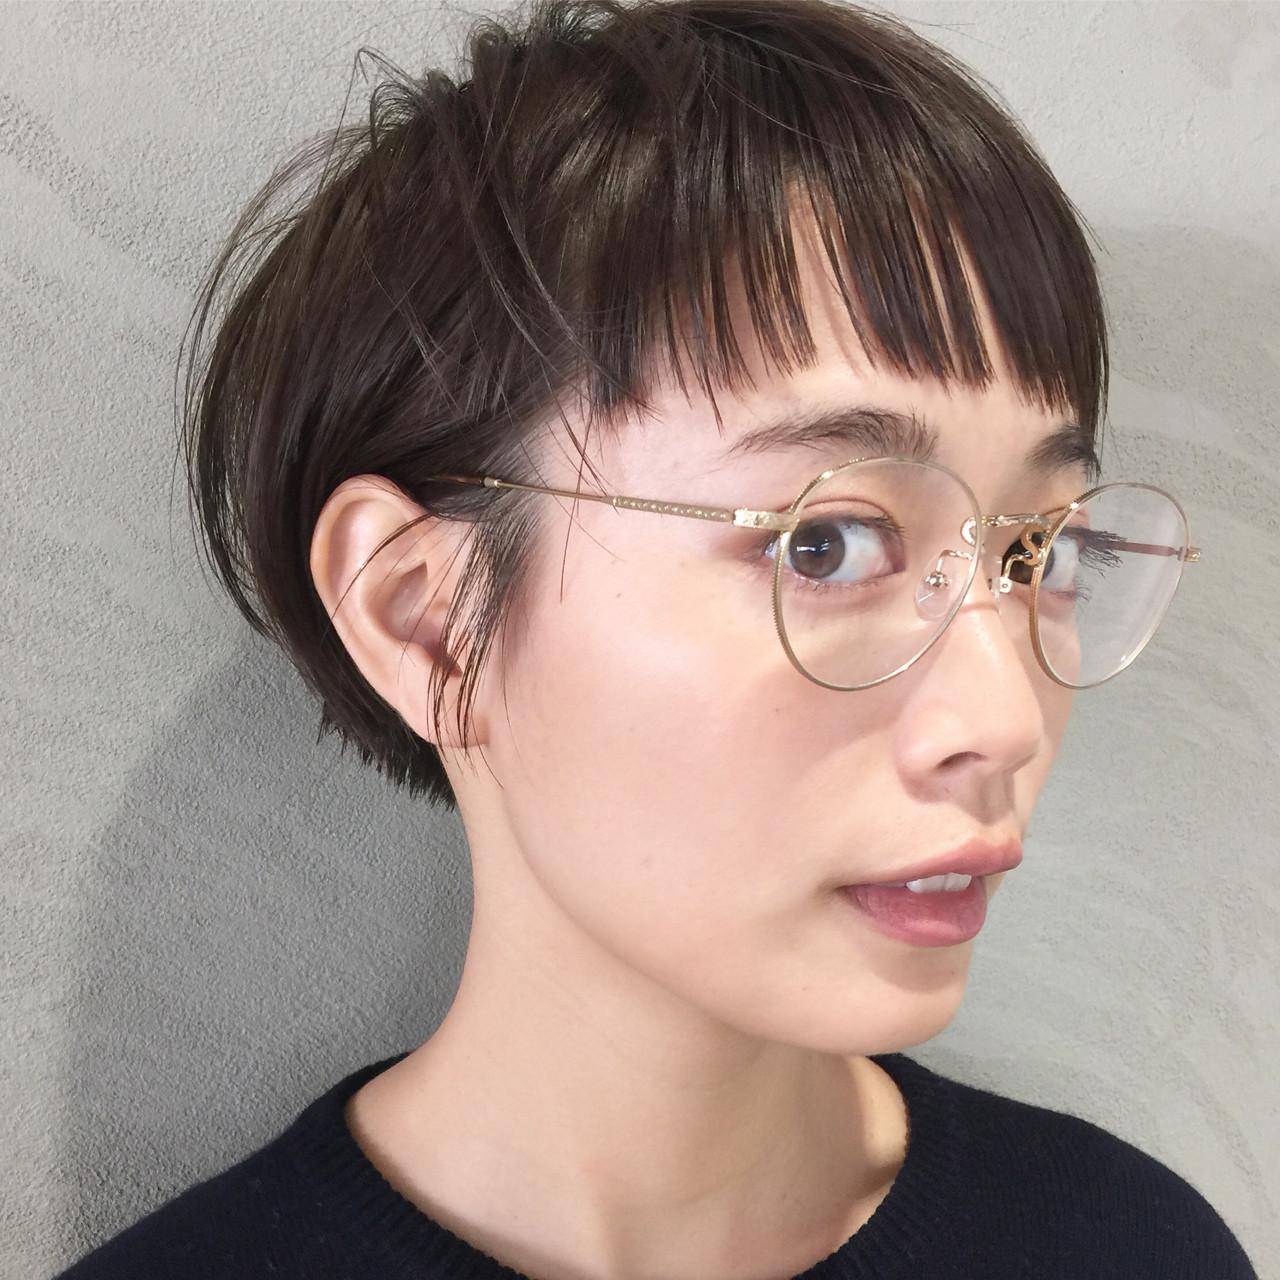 ショートボブ 透明感 ショート オン眉 ヘアスタイルや髪型の写真・画像